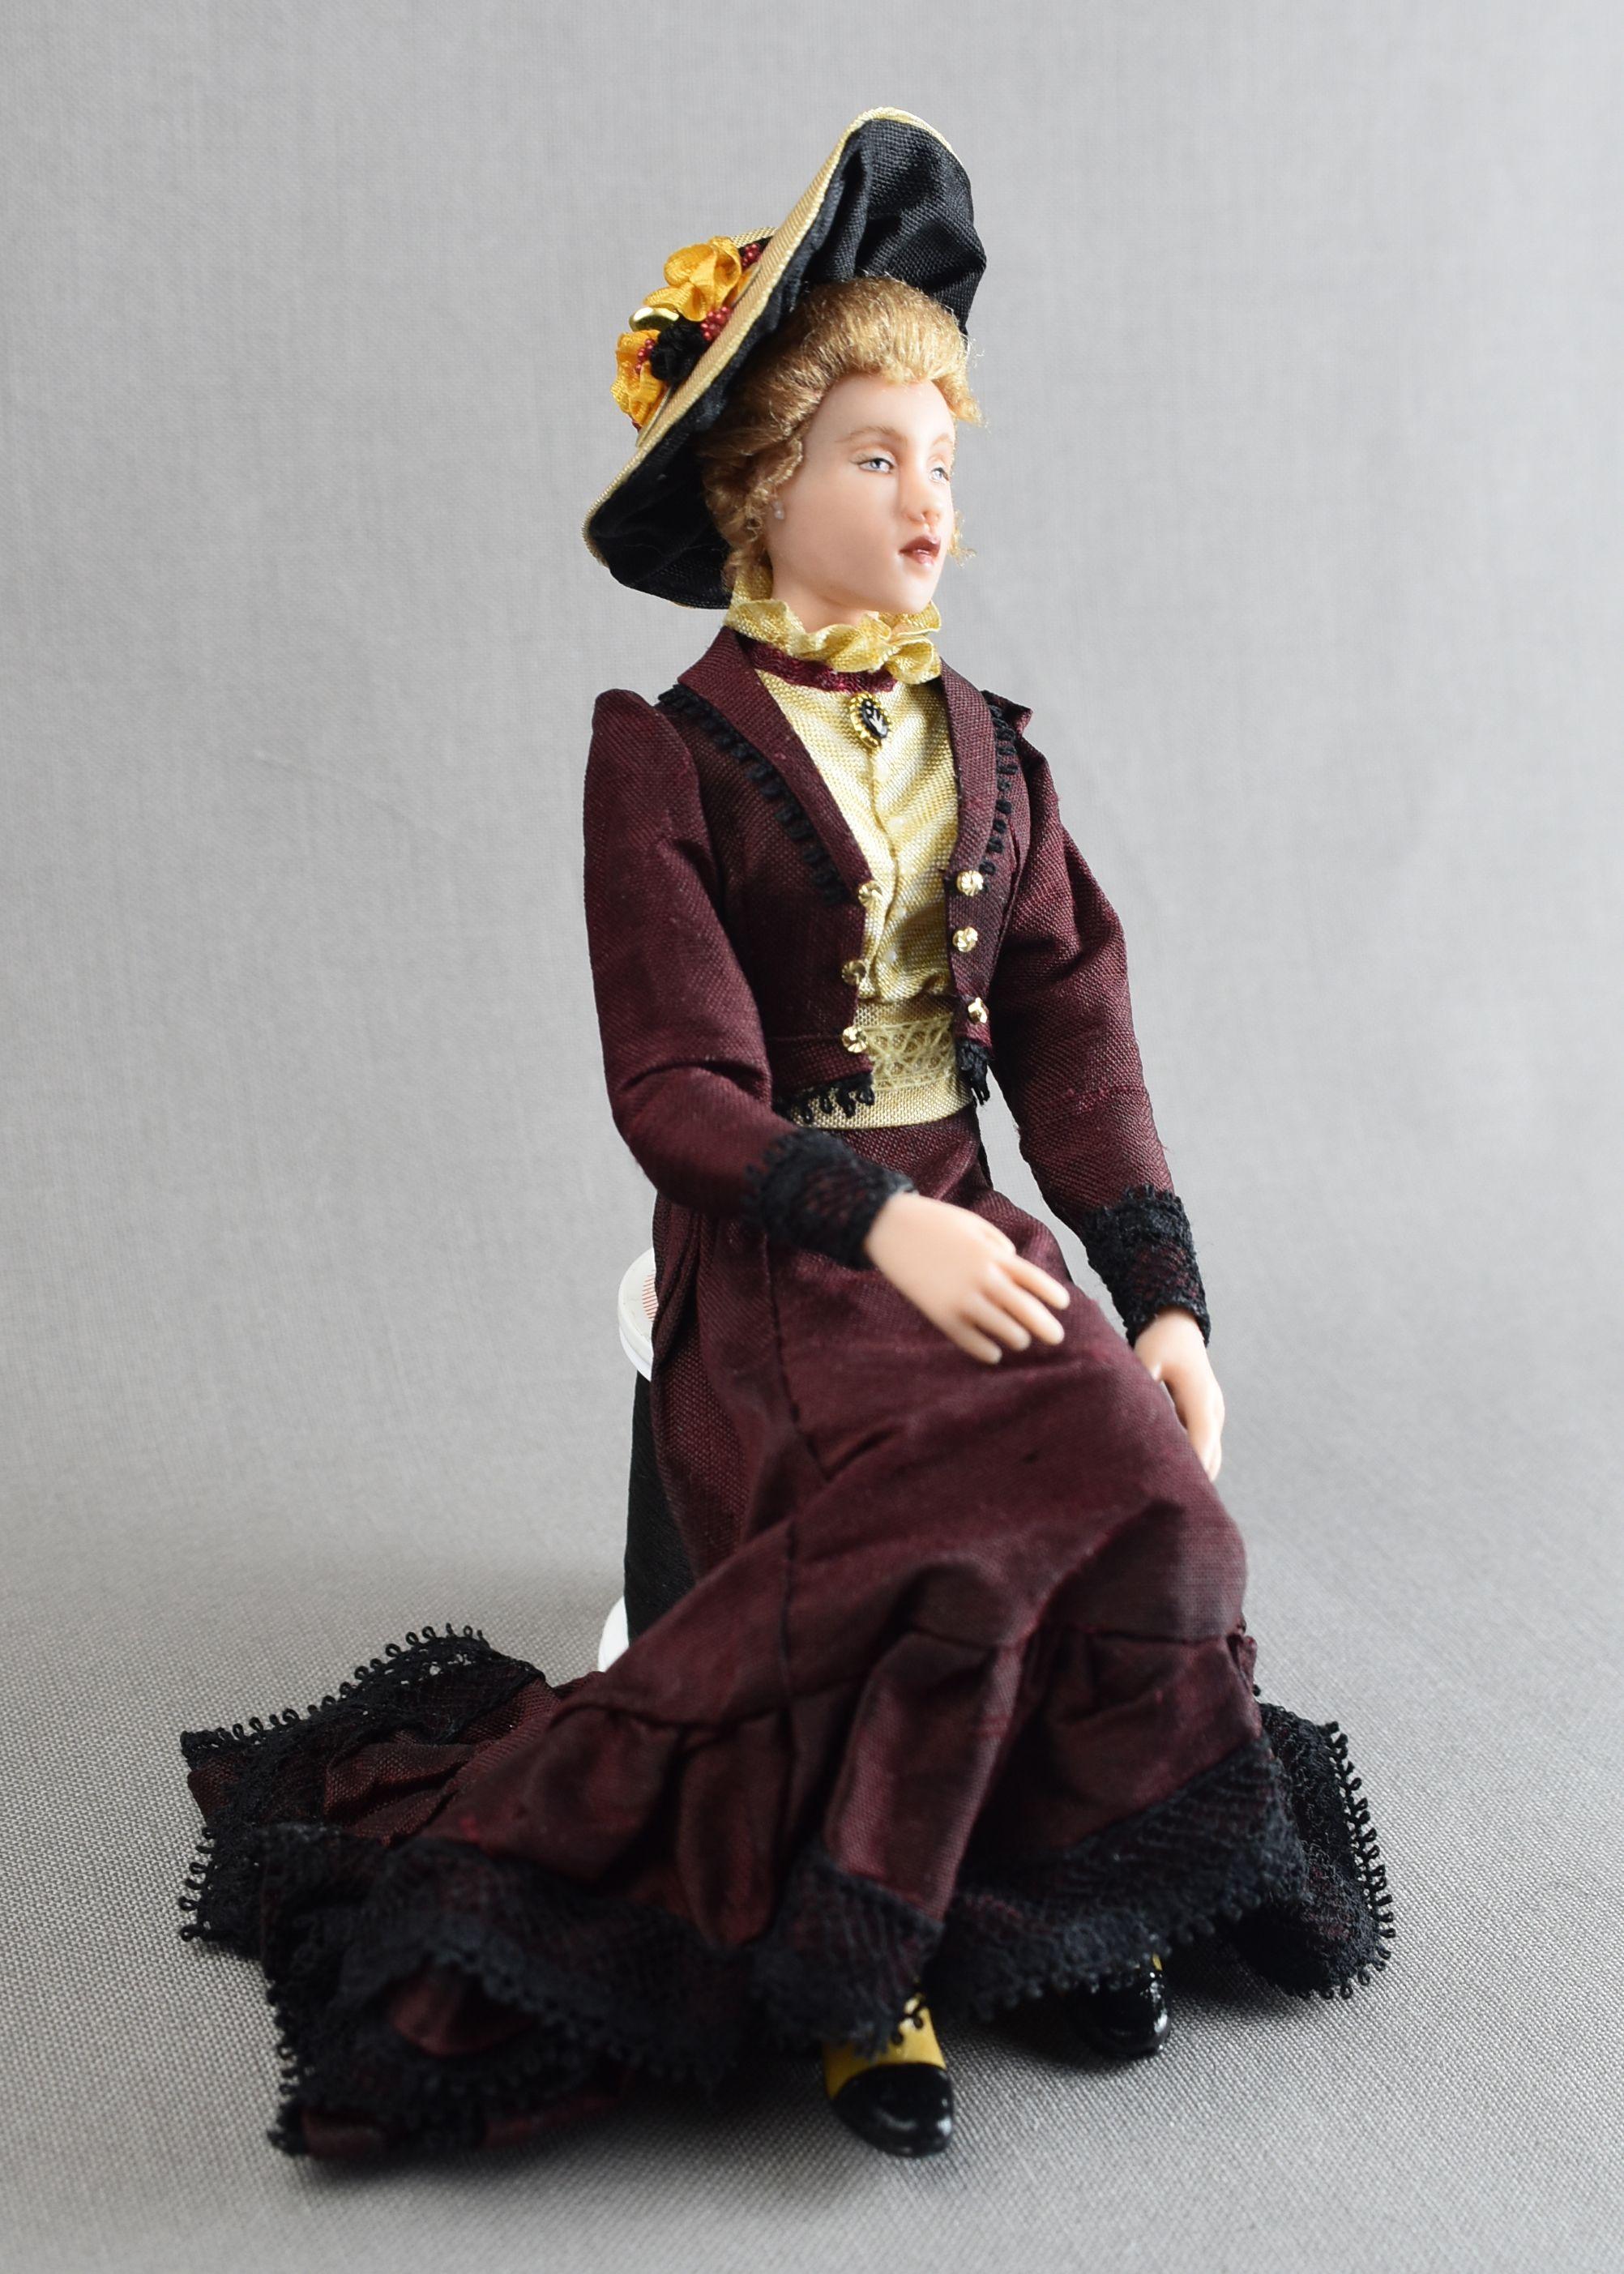 1 12 Scale Edwardian Lady By Lilli S Littles Edwardian Fashion Dollhouse Dolls Lady